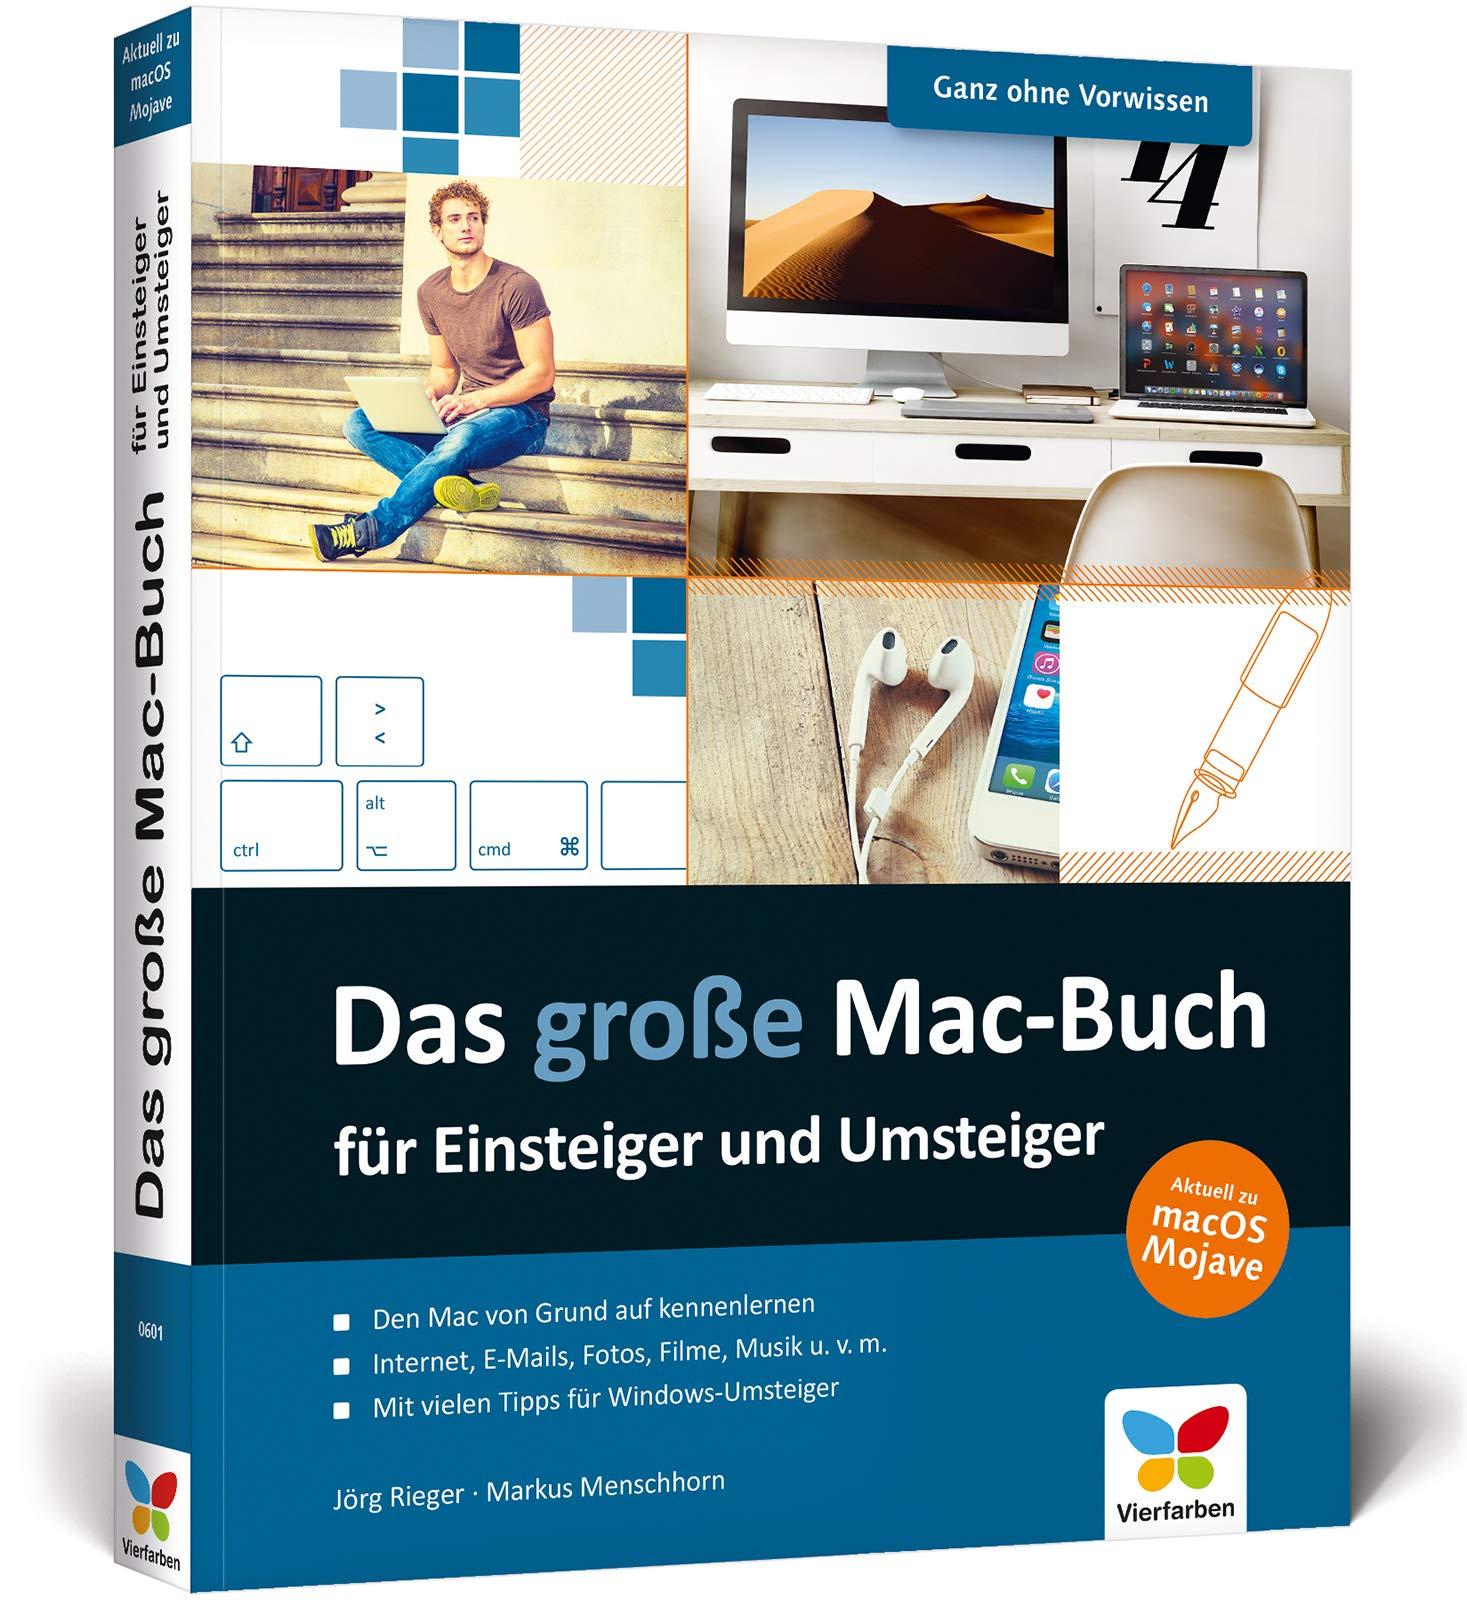 Unverwechselbar Office, entwickelt für den Mac